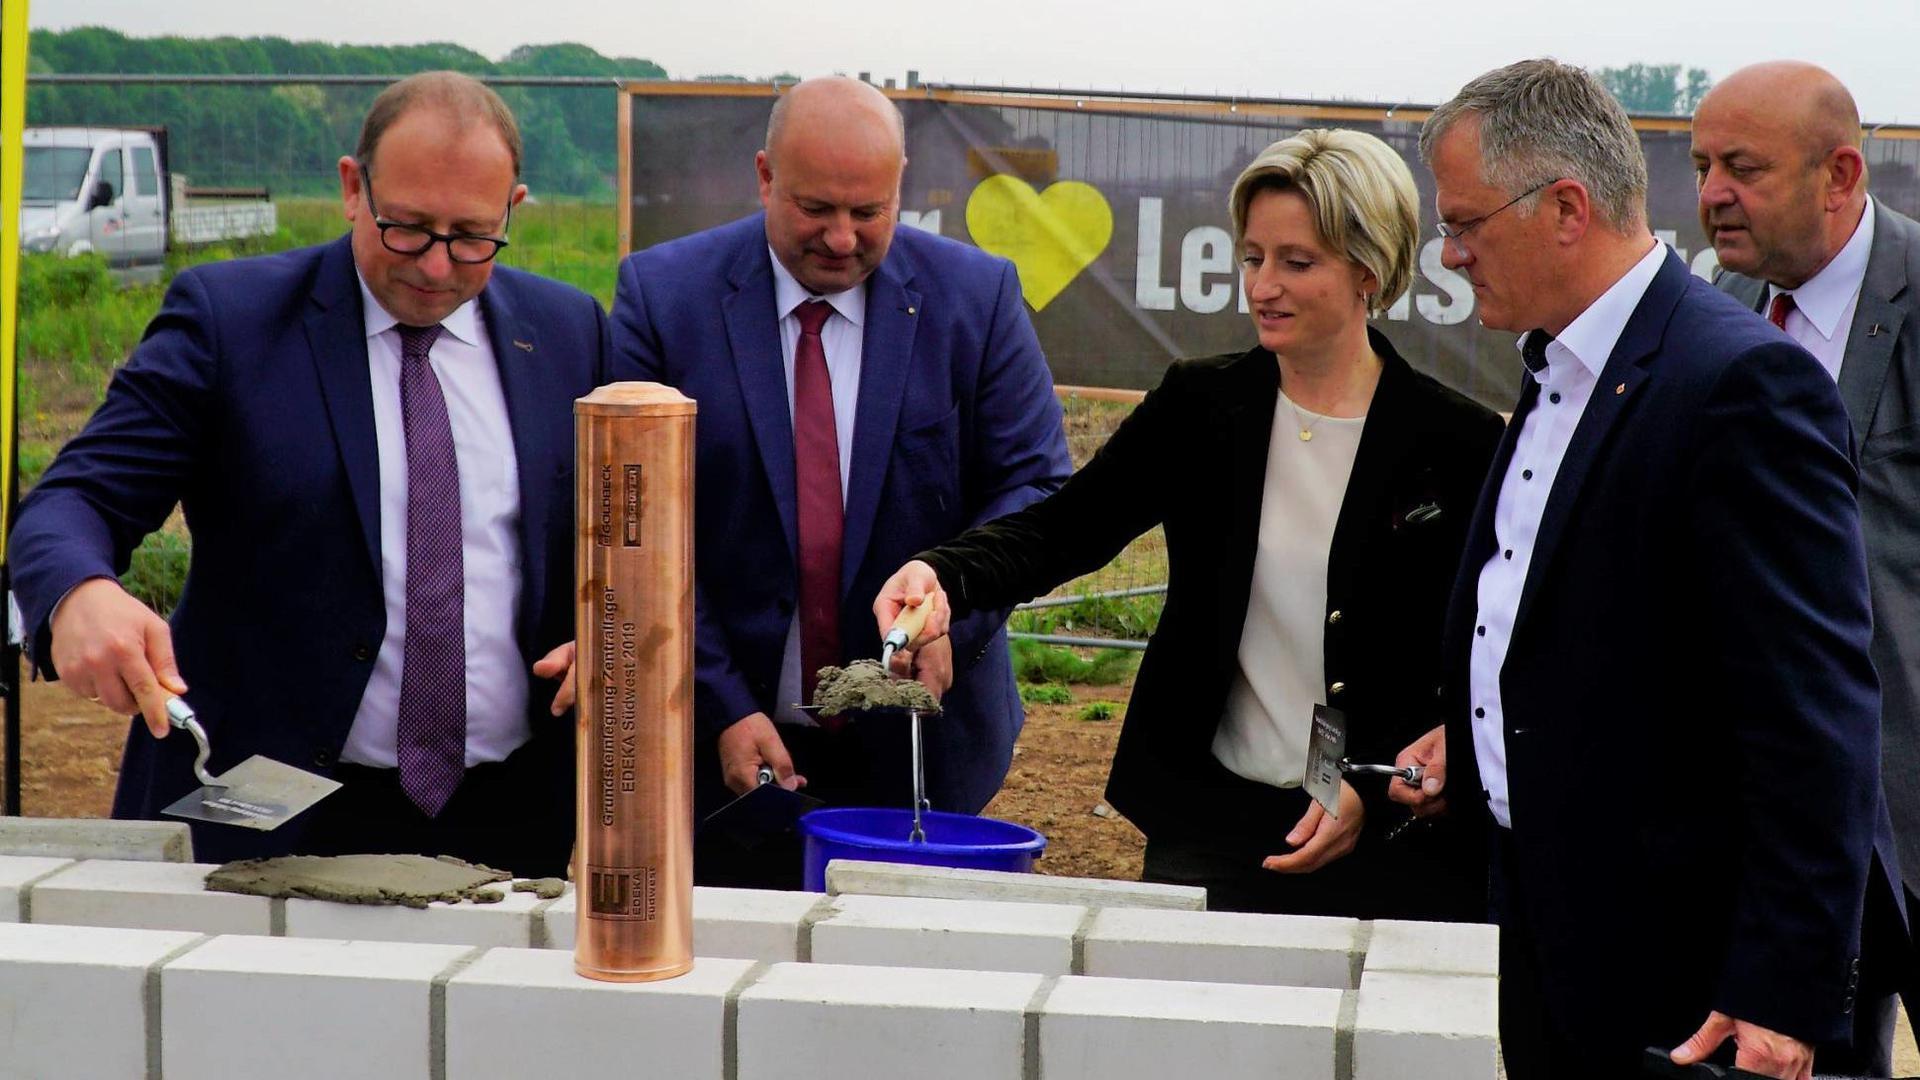 Eingemauert: Die Zeitkapsel installierten Ministerin Hoffmeister-Kraut, OB Pütsch (Zweiter von rechts) und Verantwortliche von Edeka fachgerecht.